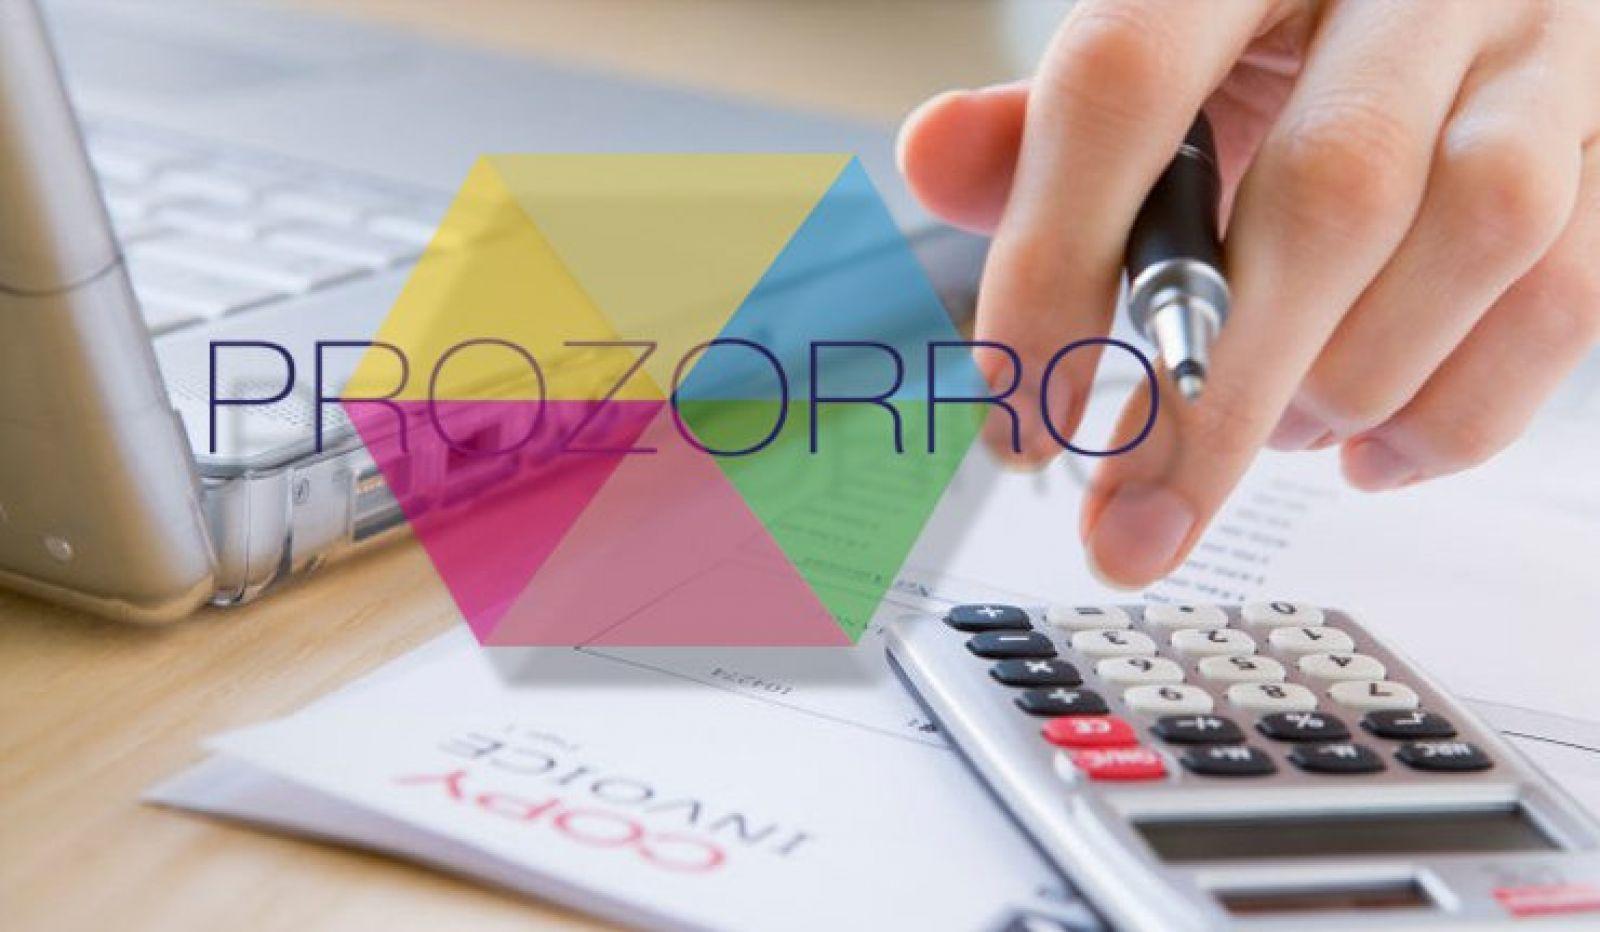 proZorro